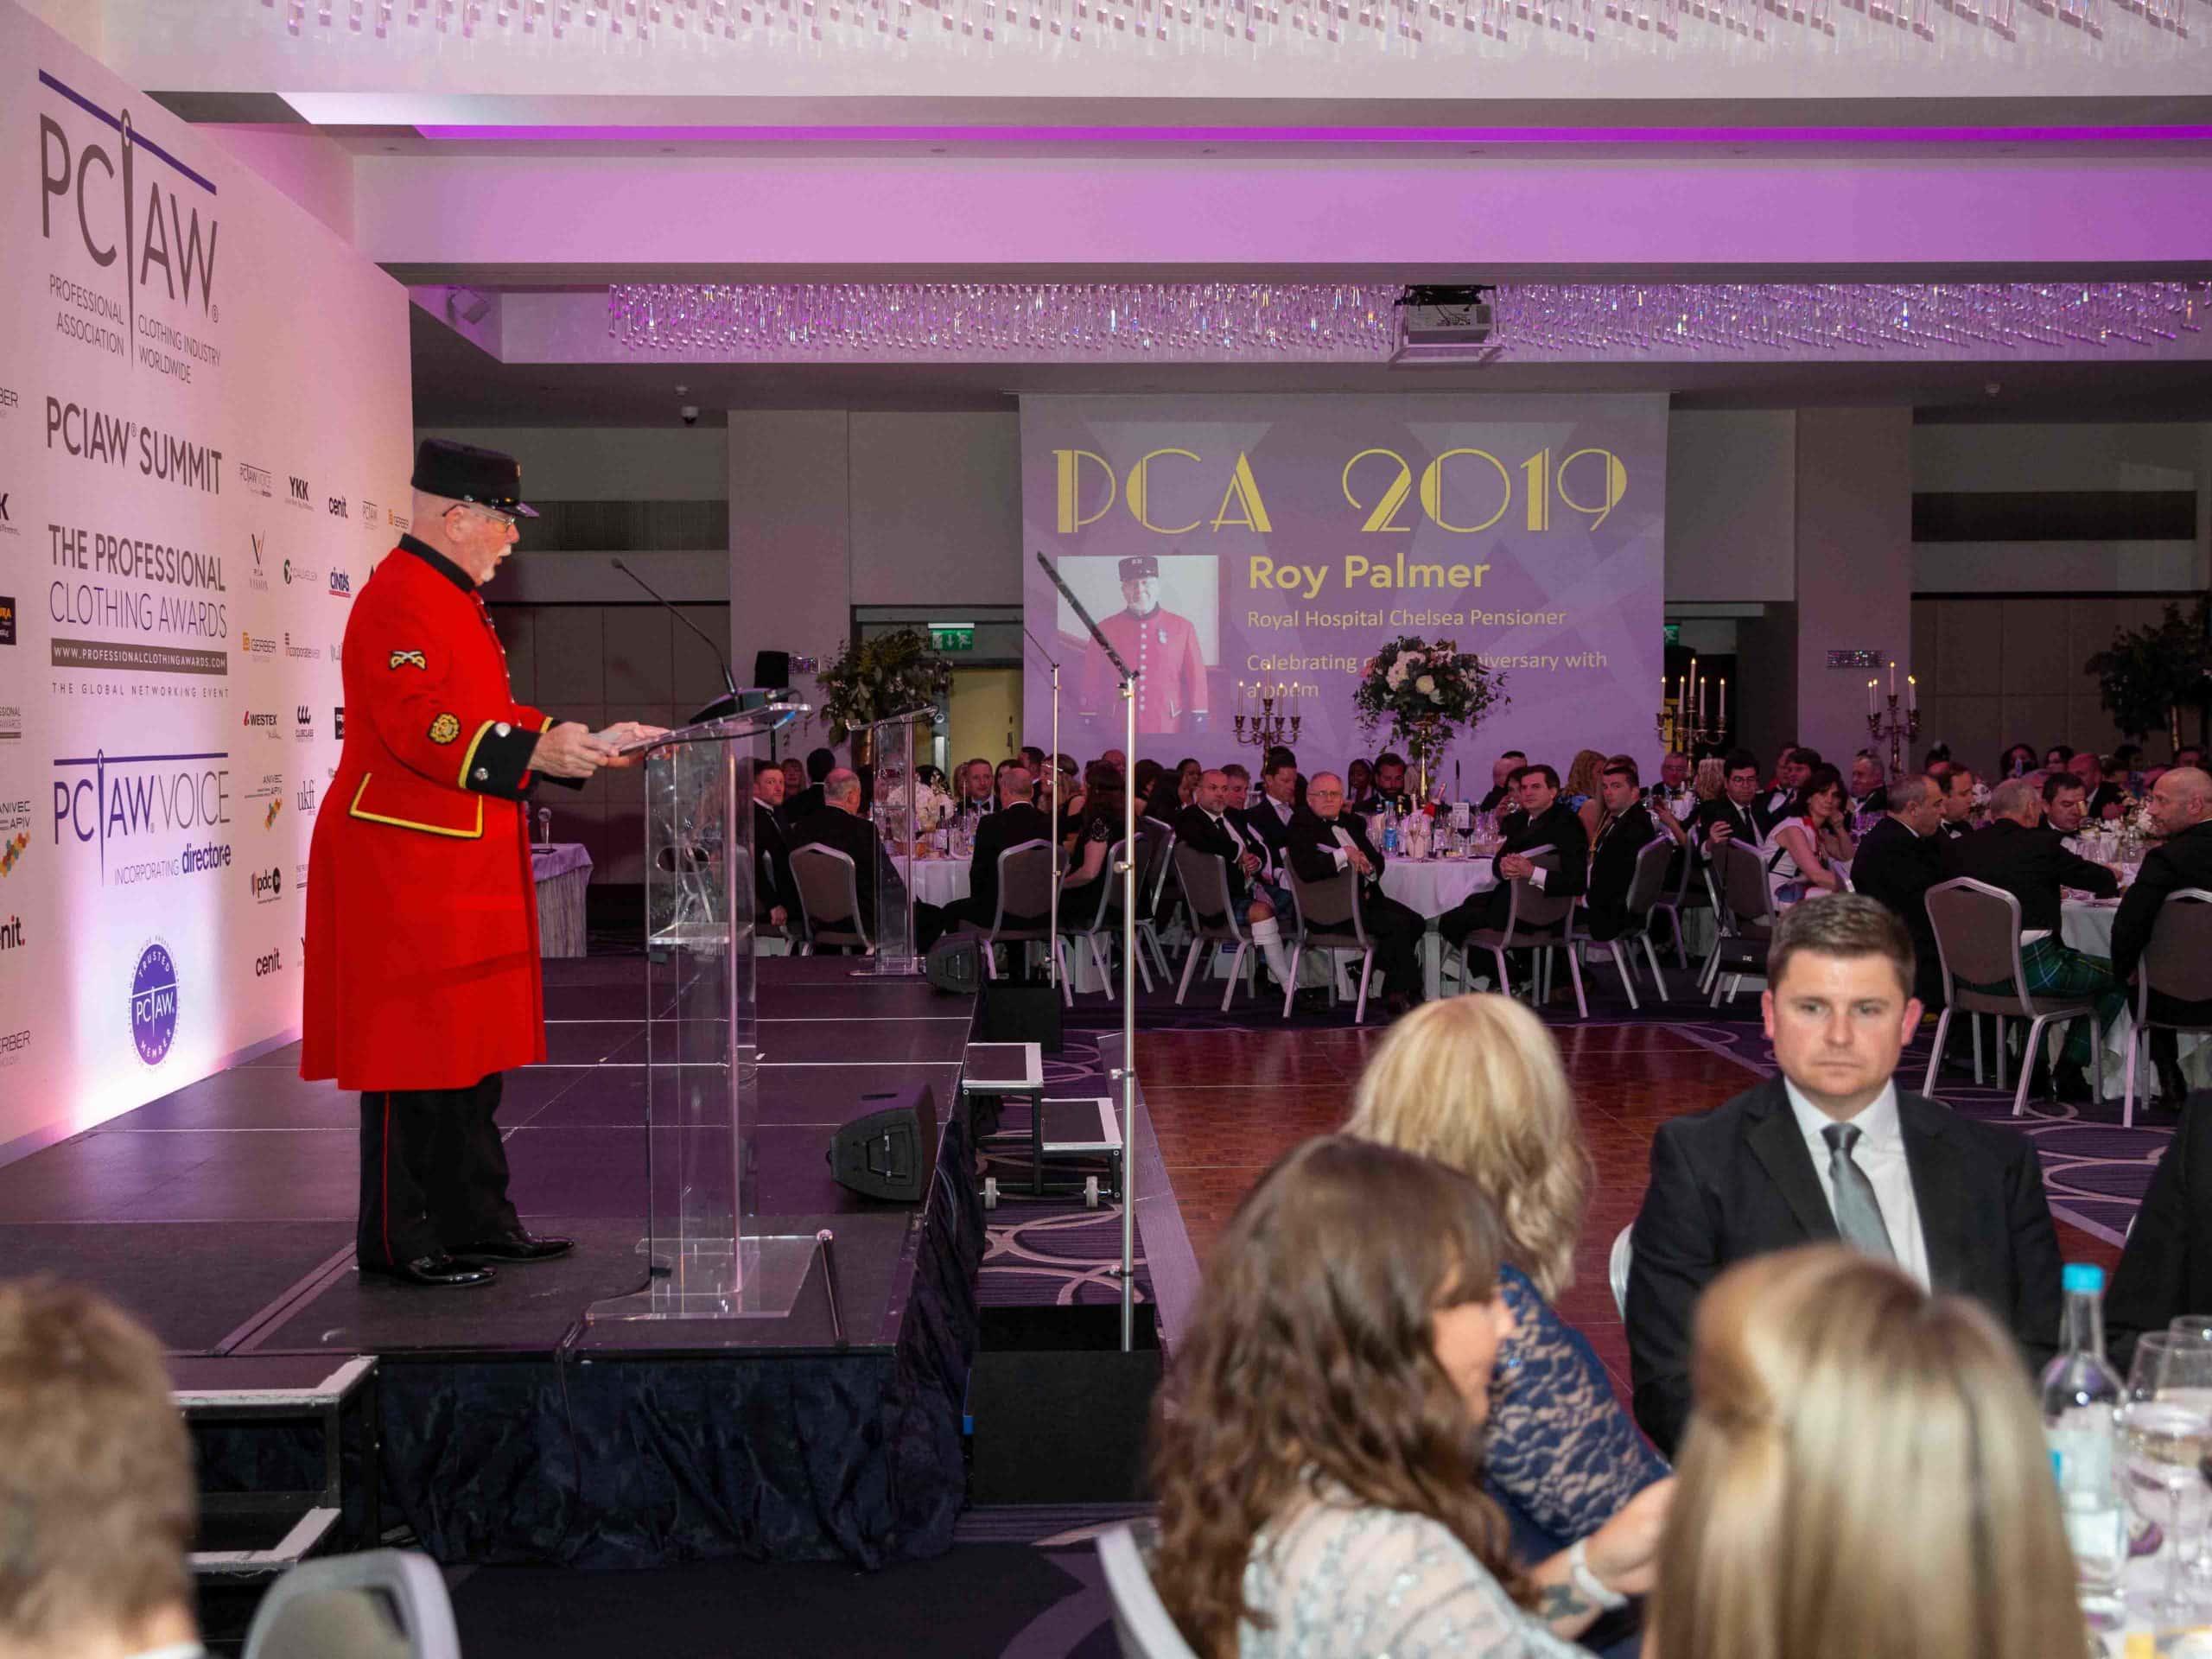 PCIAW Awards 2019 149 scaled